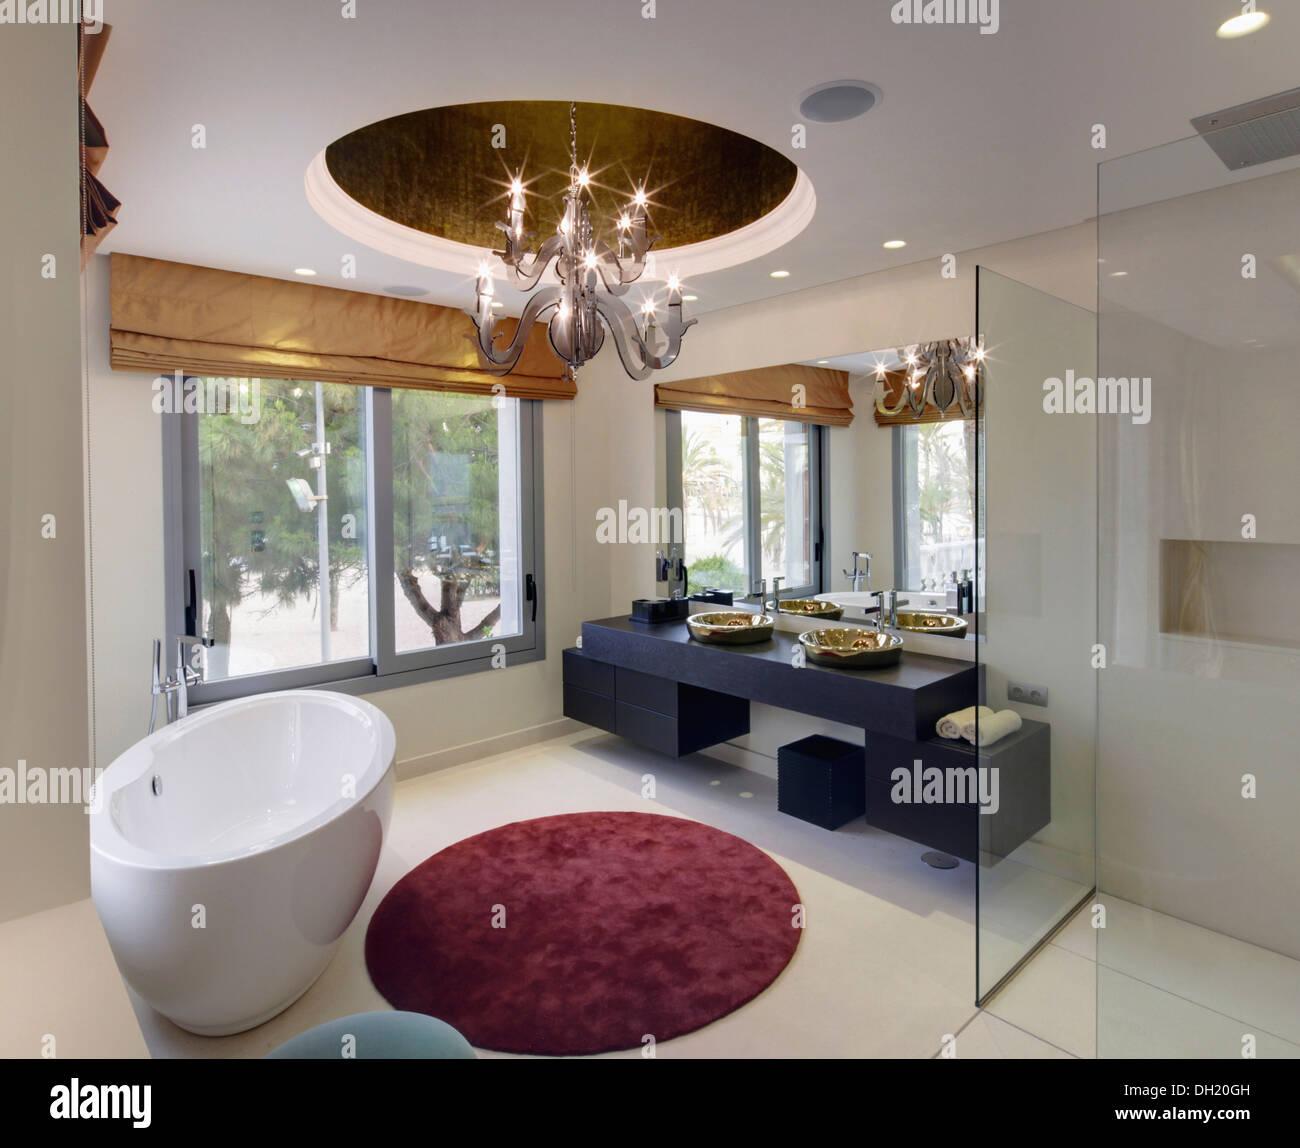 Tapis Salle De Bain Ovale ~ baignoire sur pied ovale et circulaire tapis dans une salle de bains